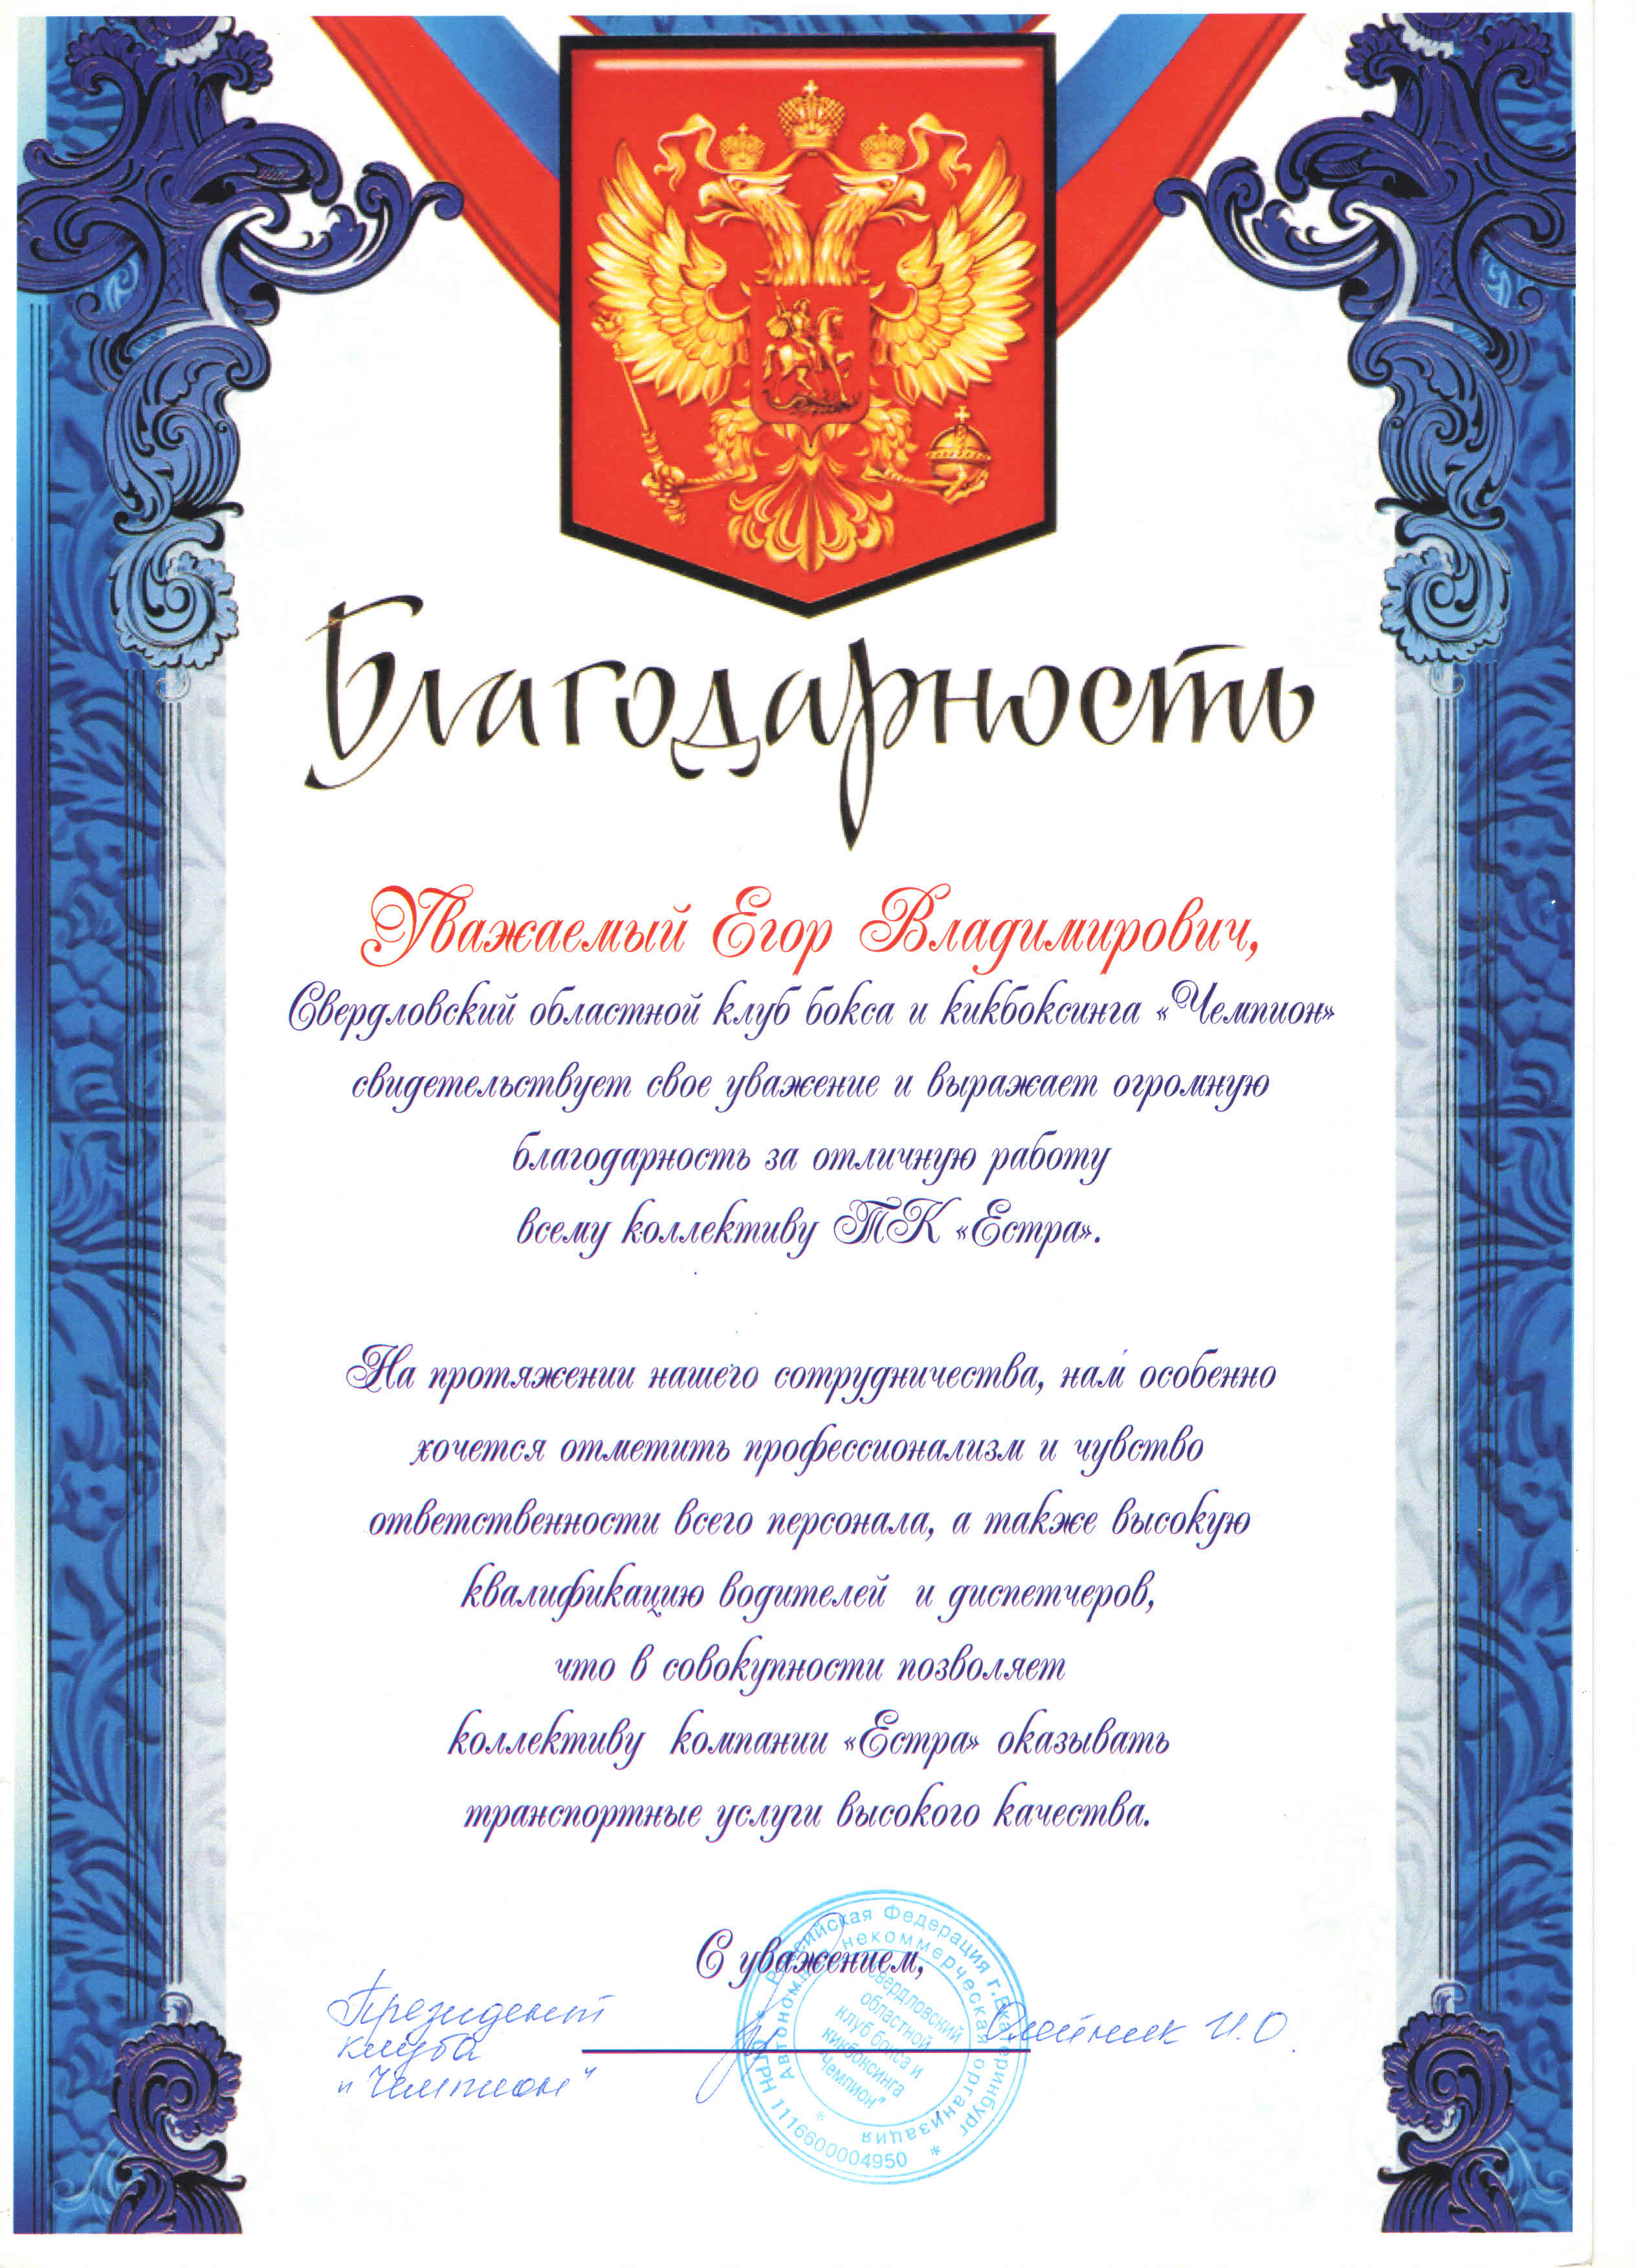 Благодарственное Письмо - клуб Чемпион